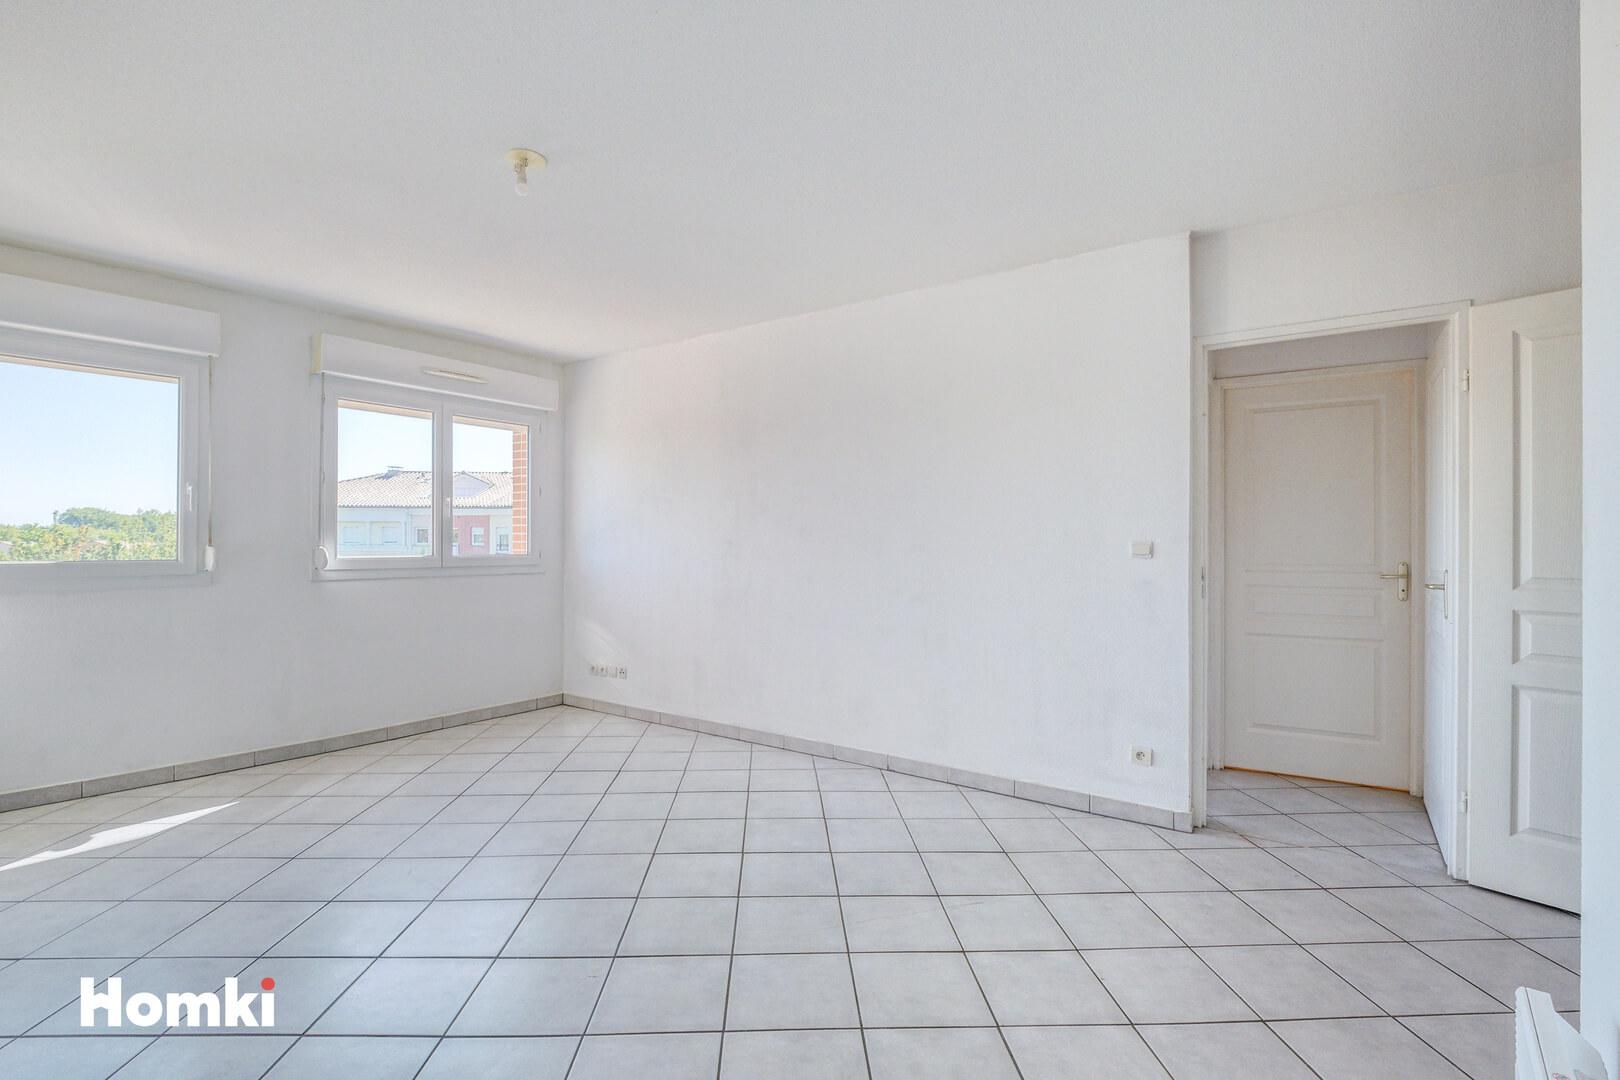 Homki - Vente Appartement  de 43.0 m² à Pechabou 31320